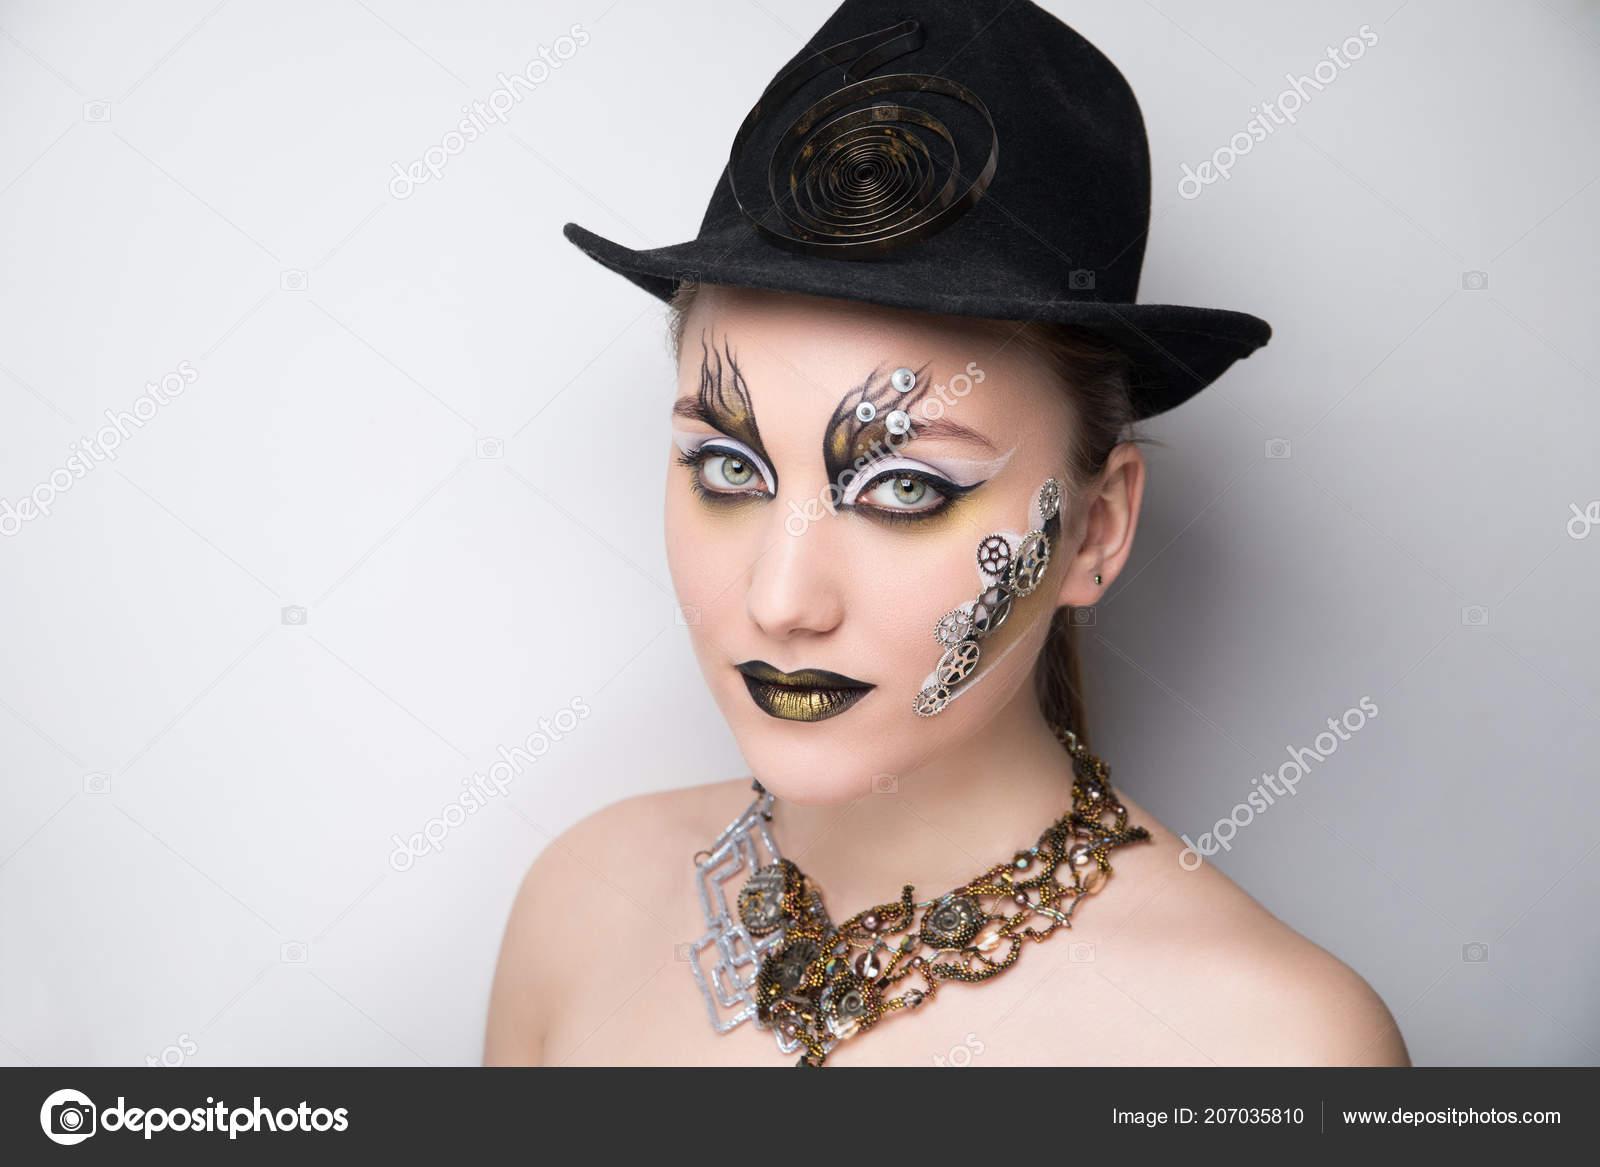 Retrato de una mujer hermosa steampunk sobre fondo gris. Sombrero negro  accesorio vintage con resorte de reloj del metal. Gran collar de oro plata. 27d68ecf85f